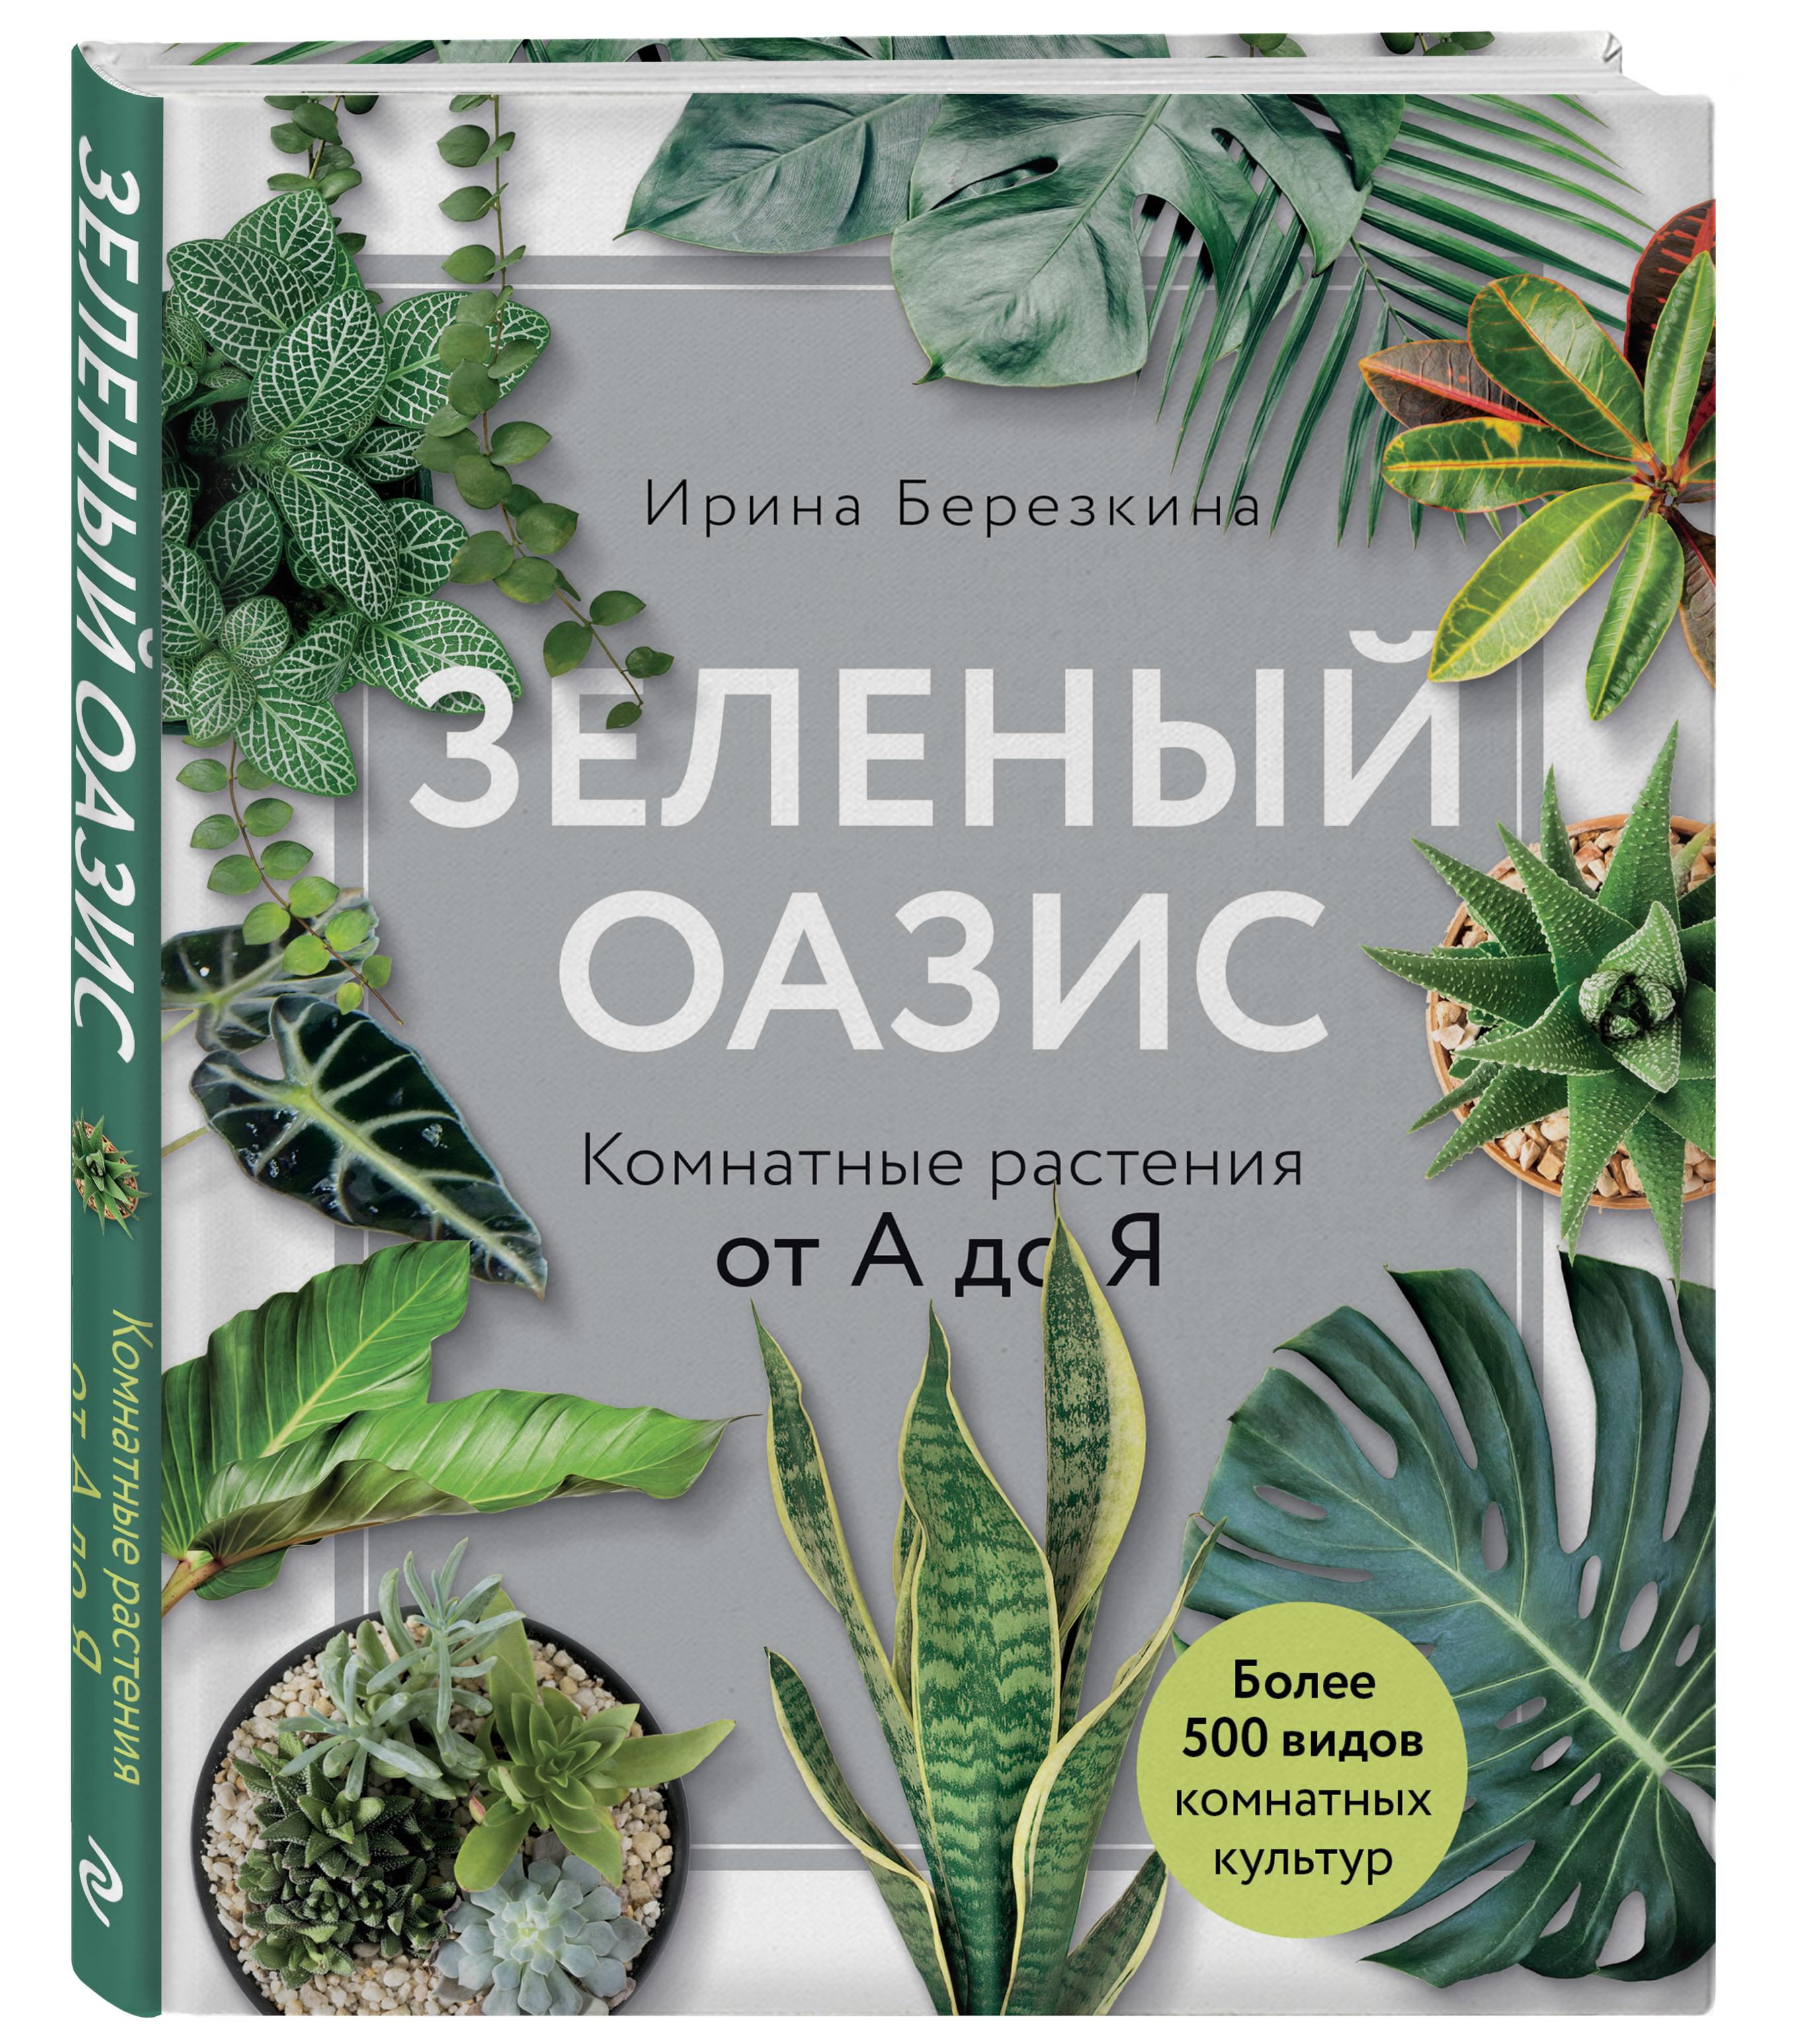 Ирина Березкина Библия комнатных растений (переверстка) атлас комнатных растений 400 популярных видов